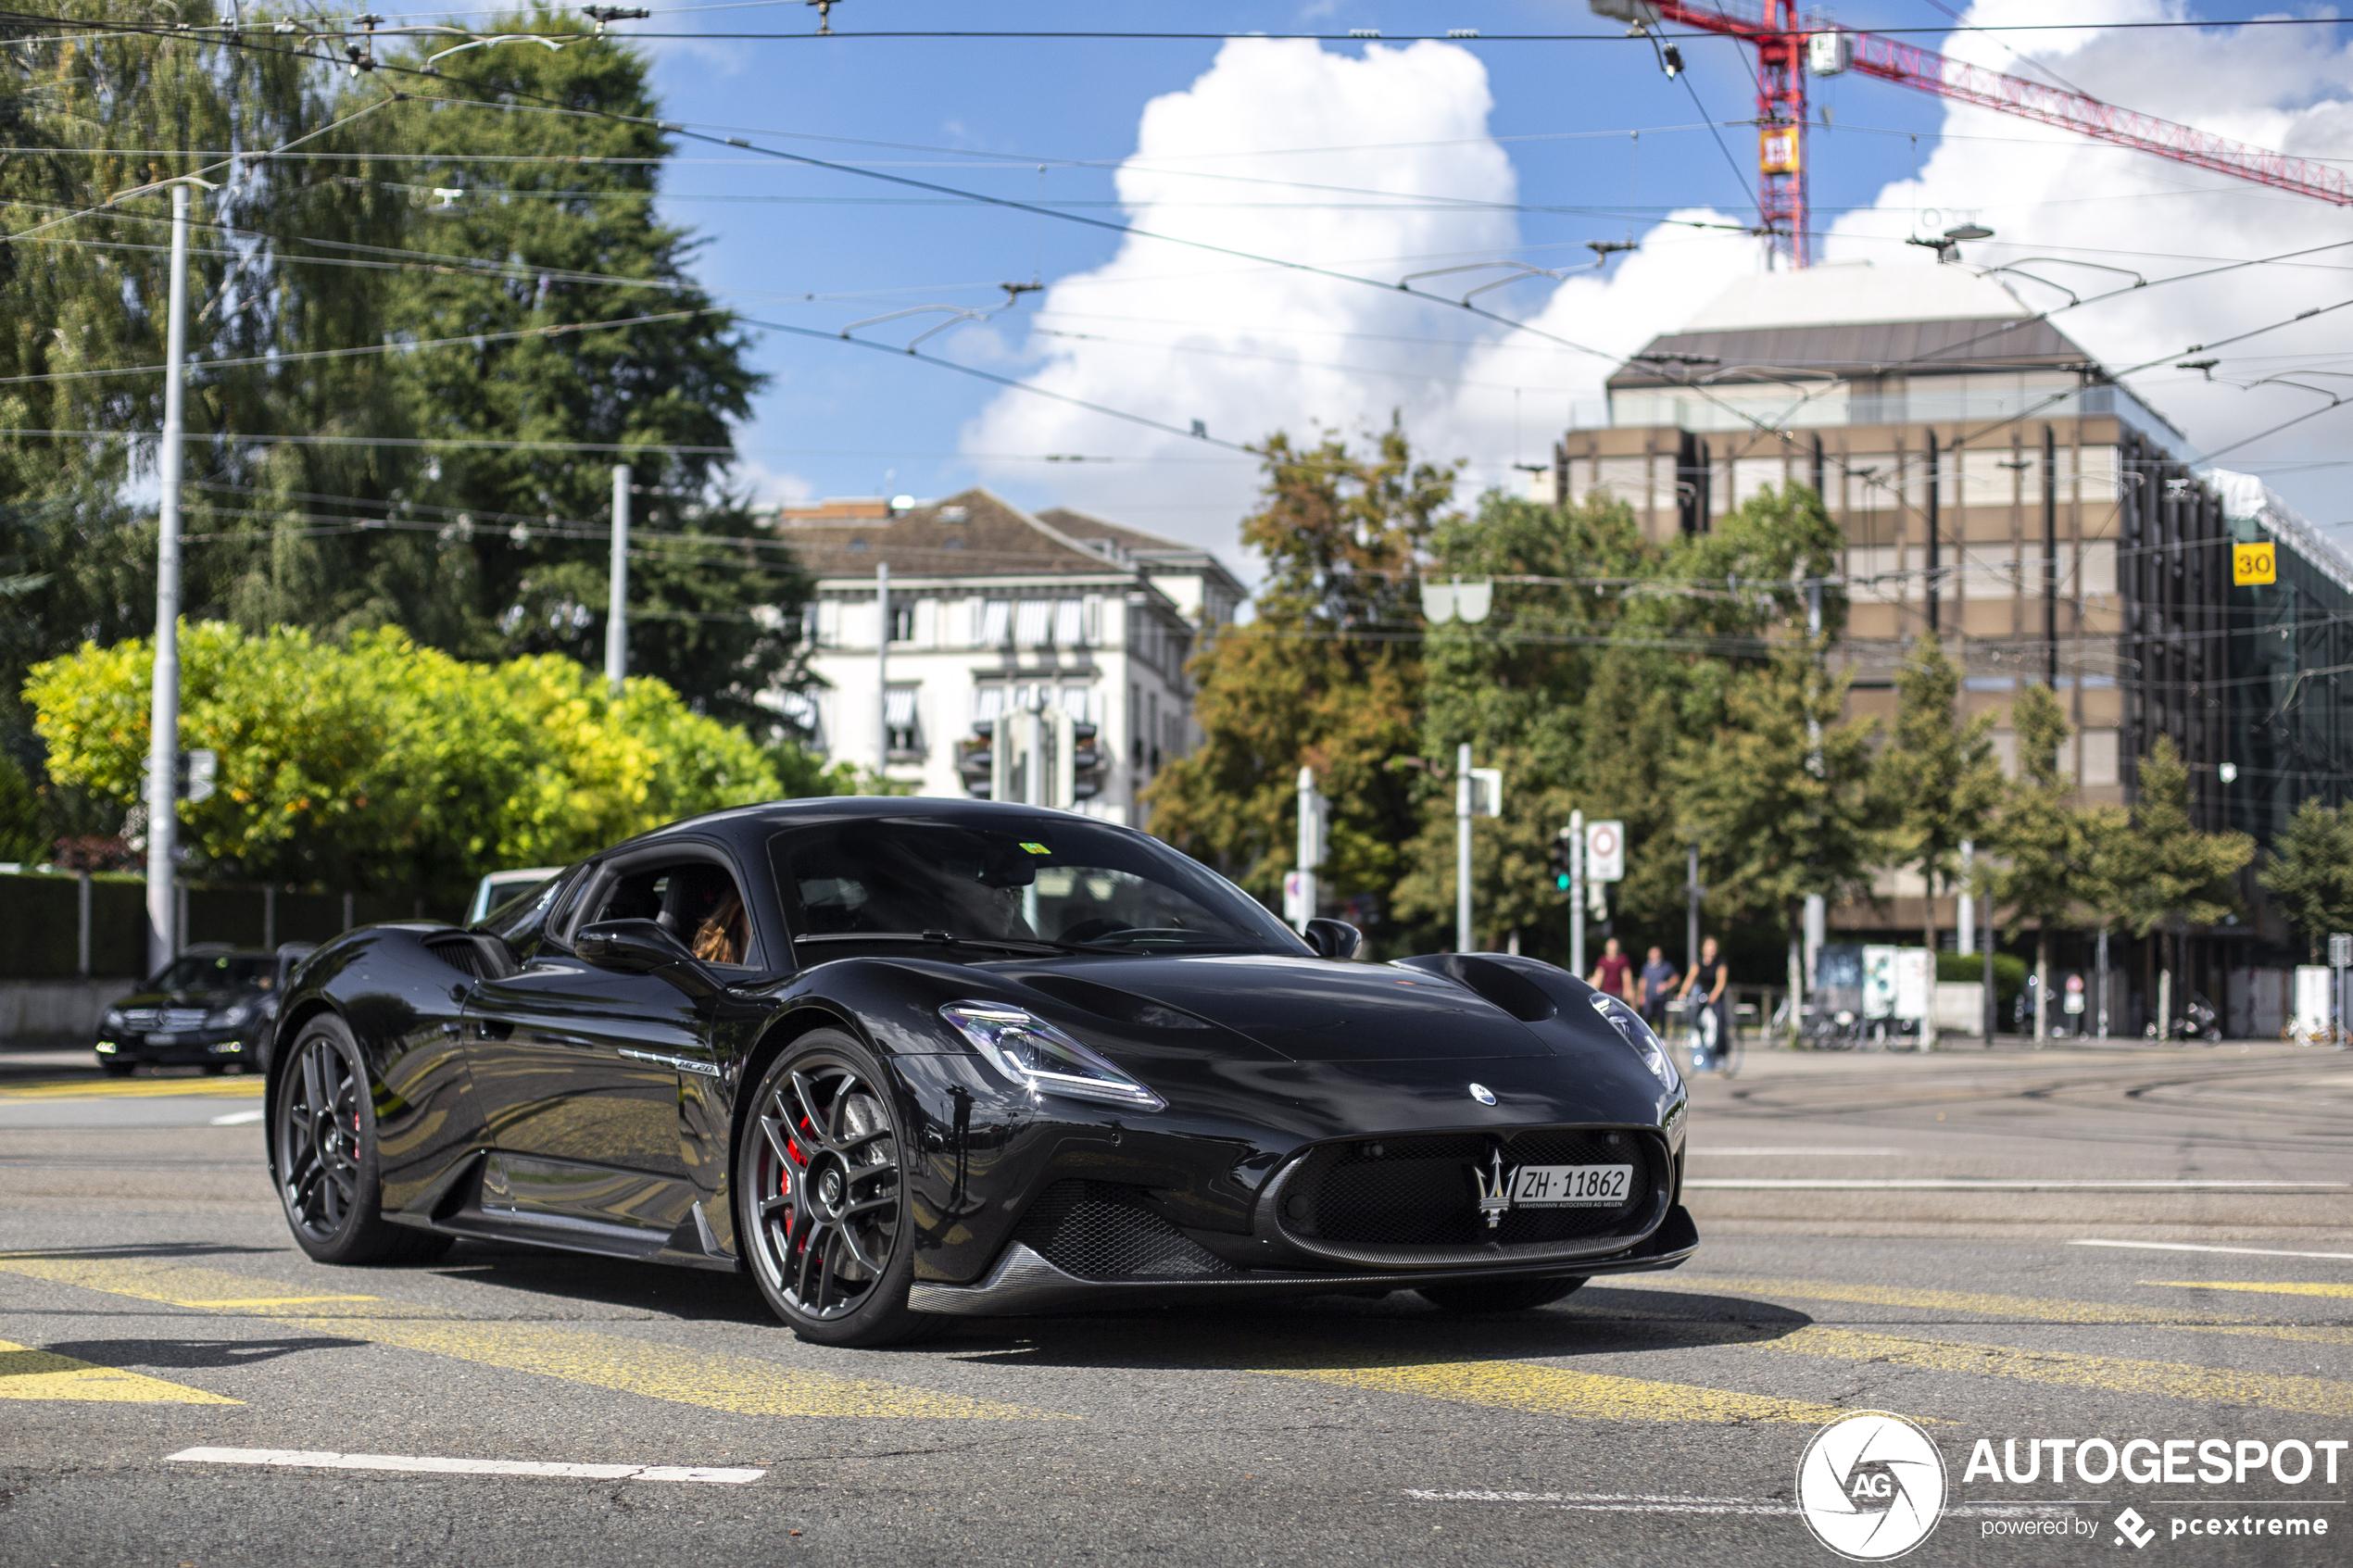 Maserati MC20 duikt nu ook op in Zürich